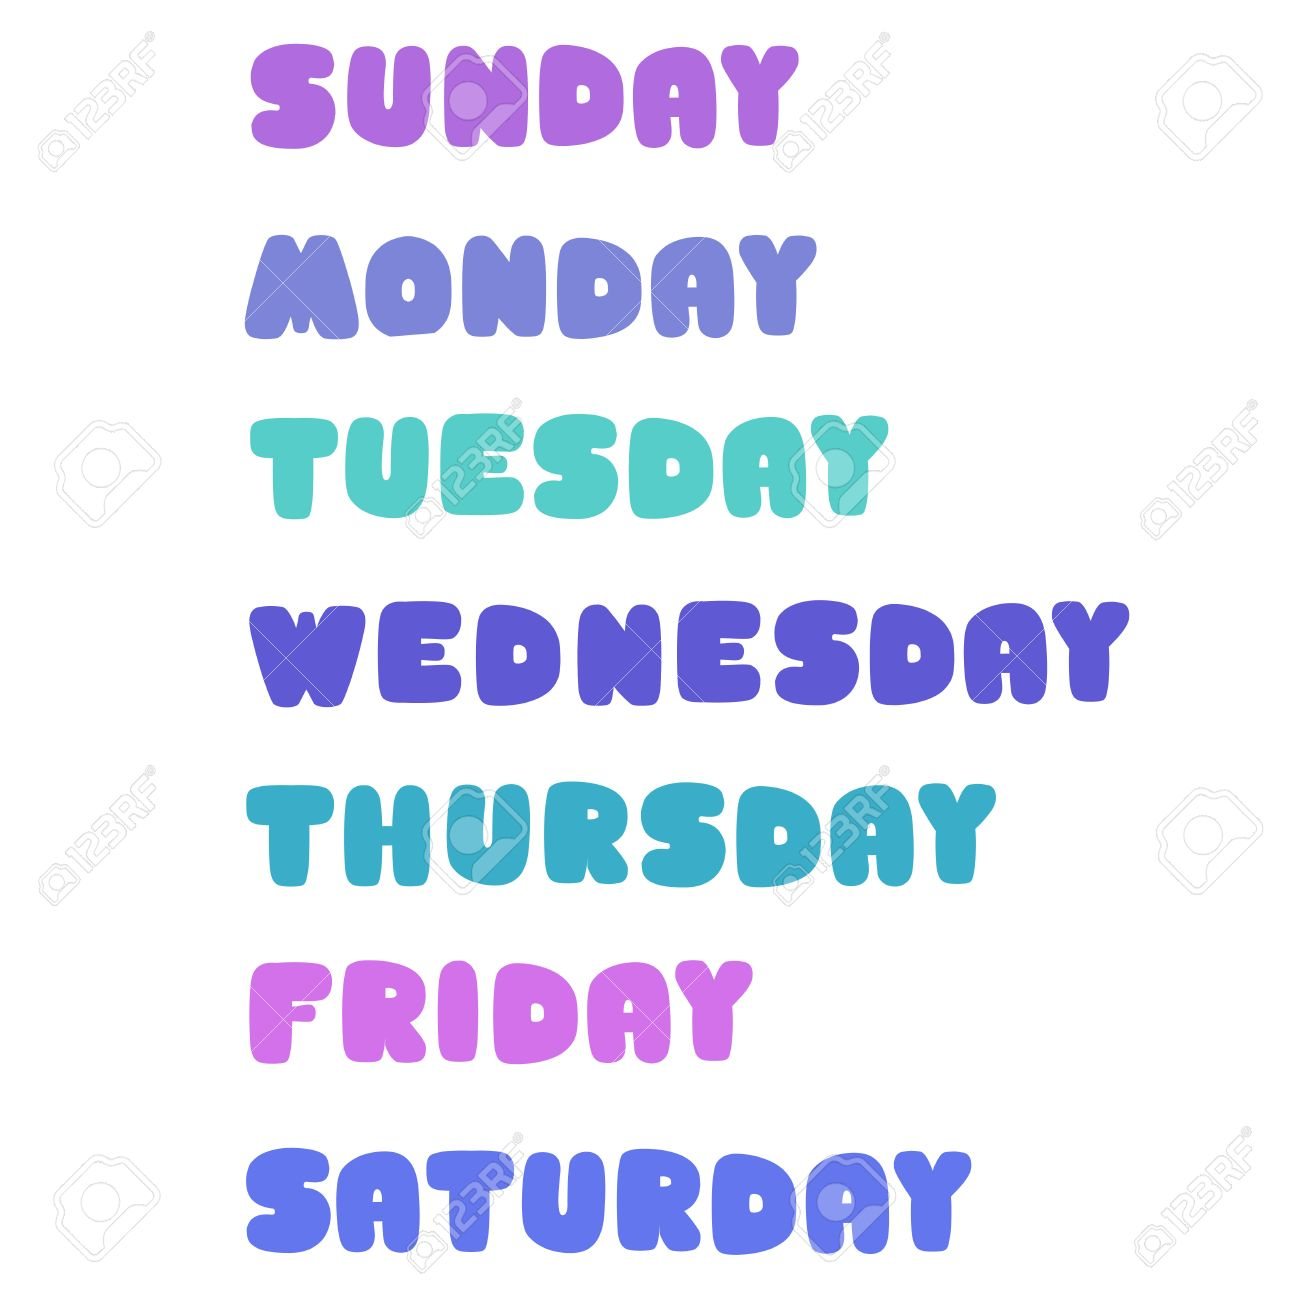 曜日: 日曜日、月曜日、火曜日、水曜日、木曜日、金曜日、土曜日の ...